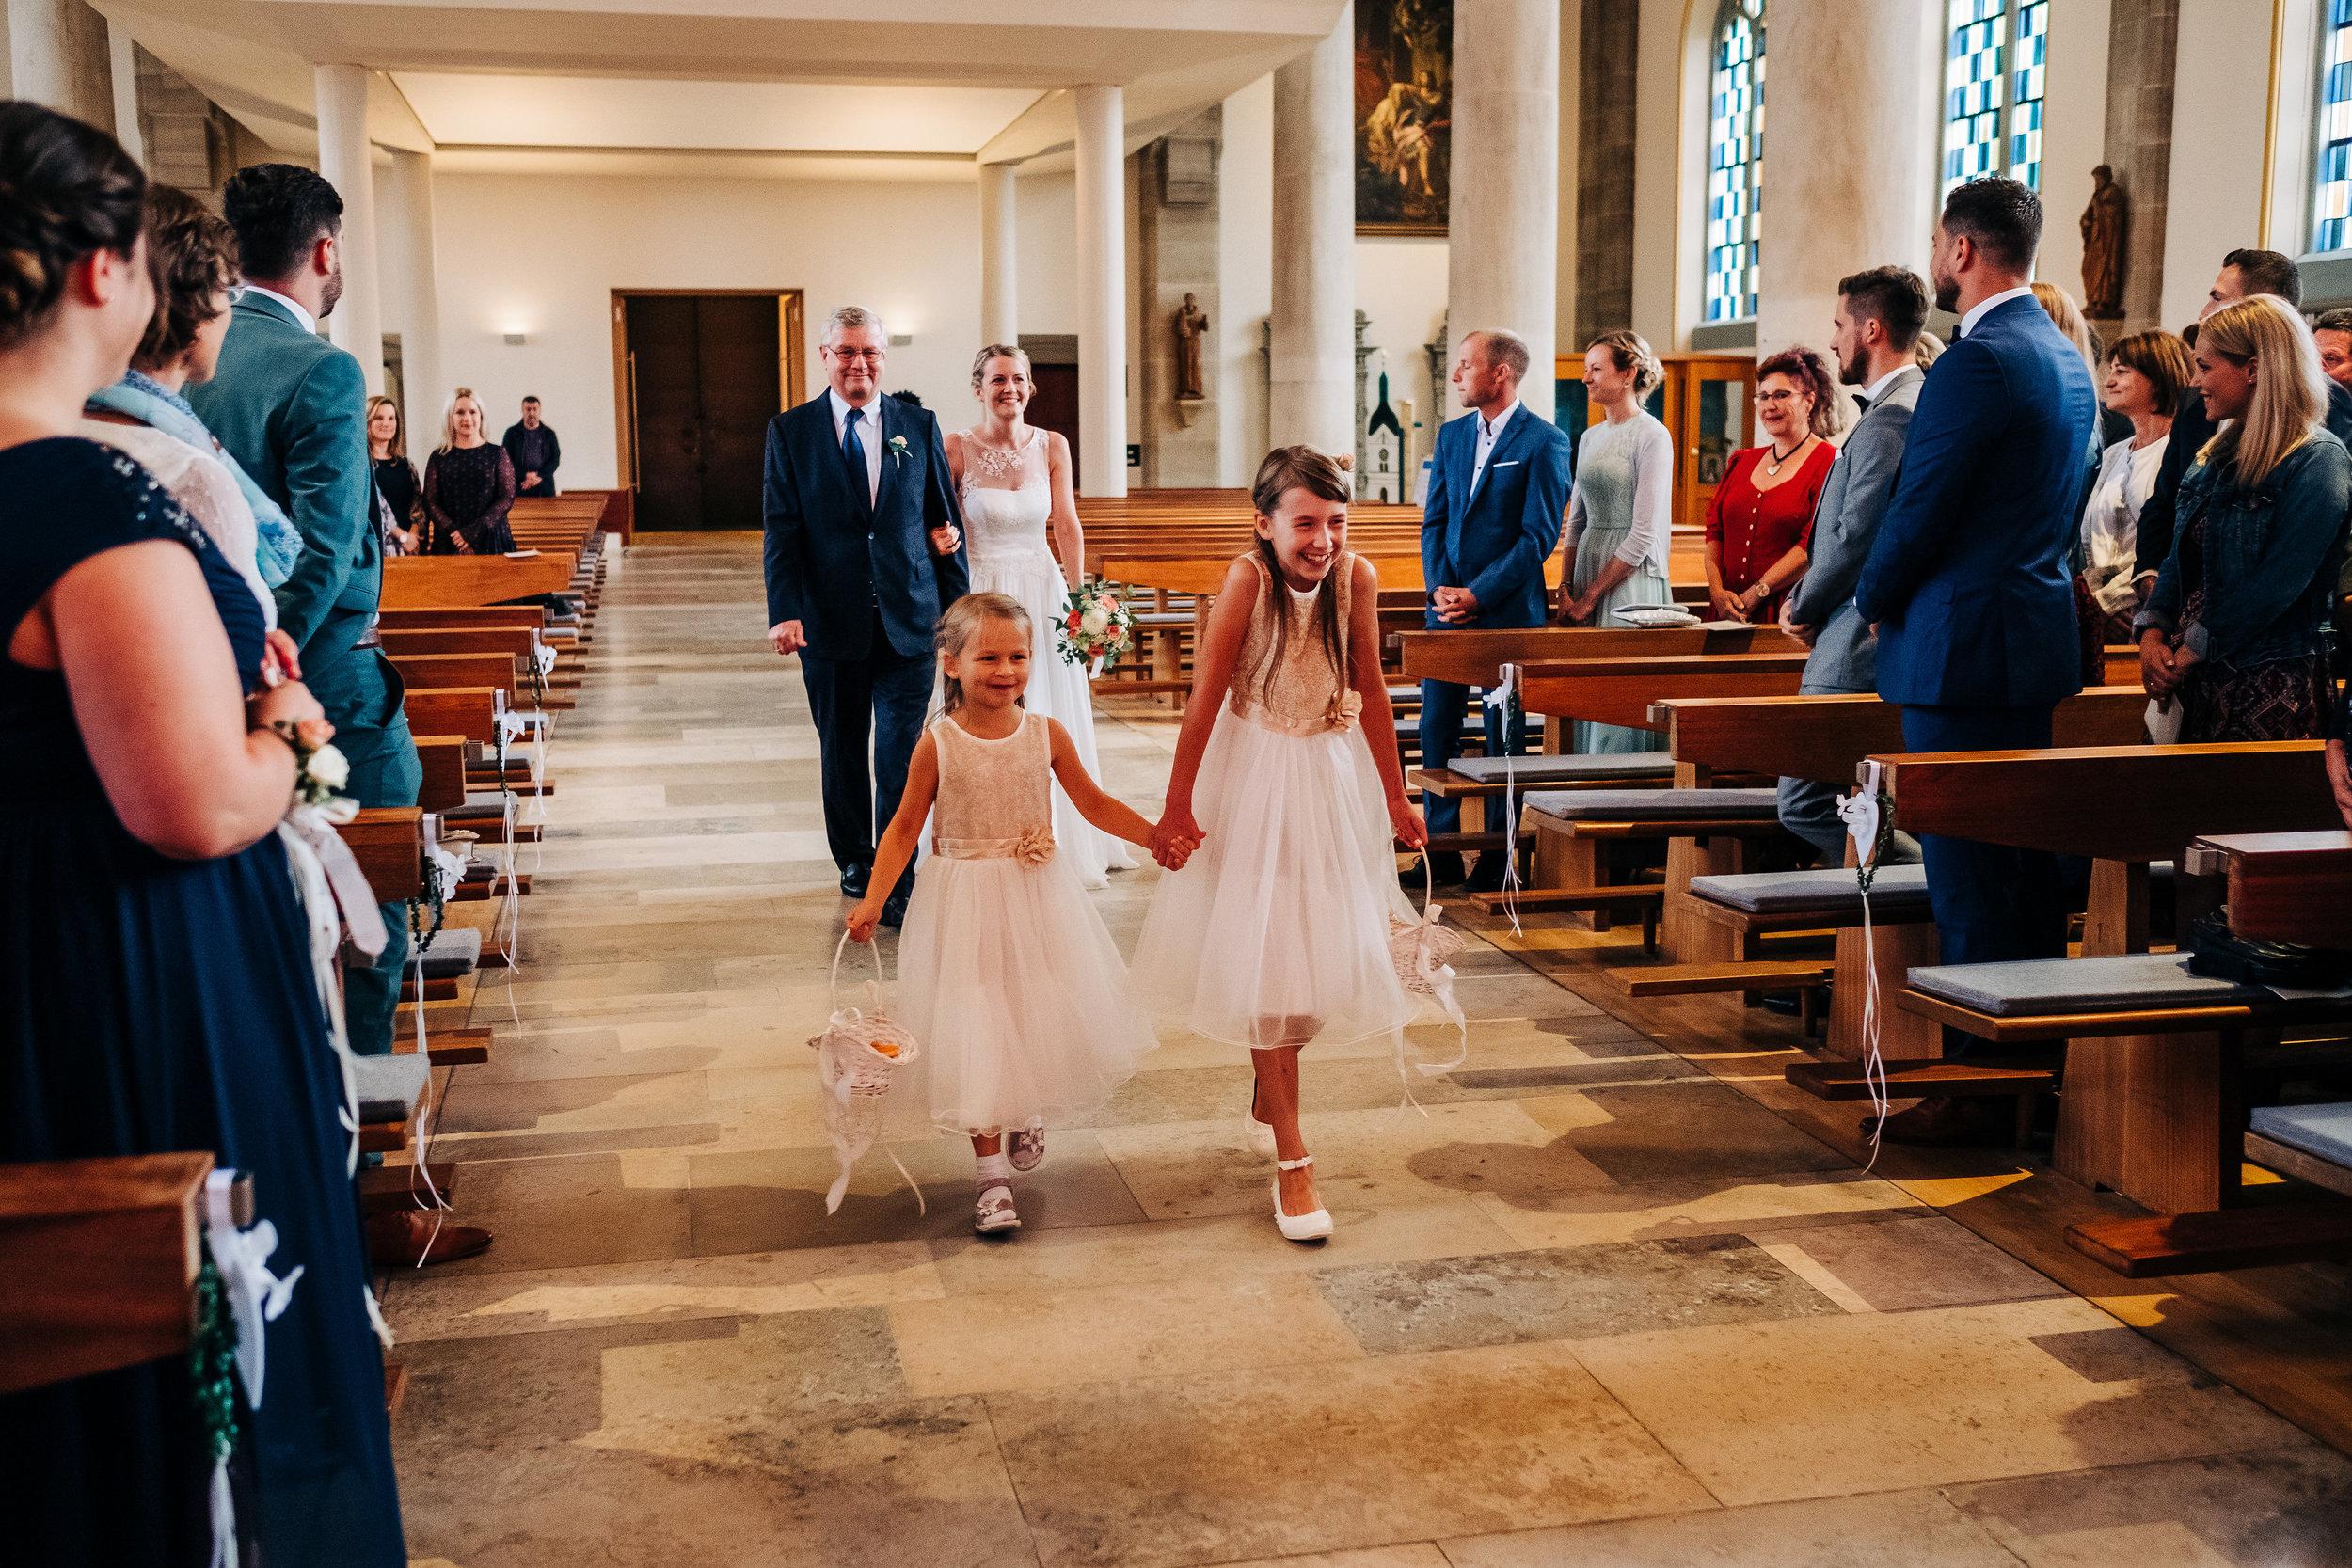 Anna-Hari-Photography-Hochzeitsfotografie-U&H-482.jpg